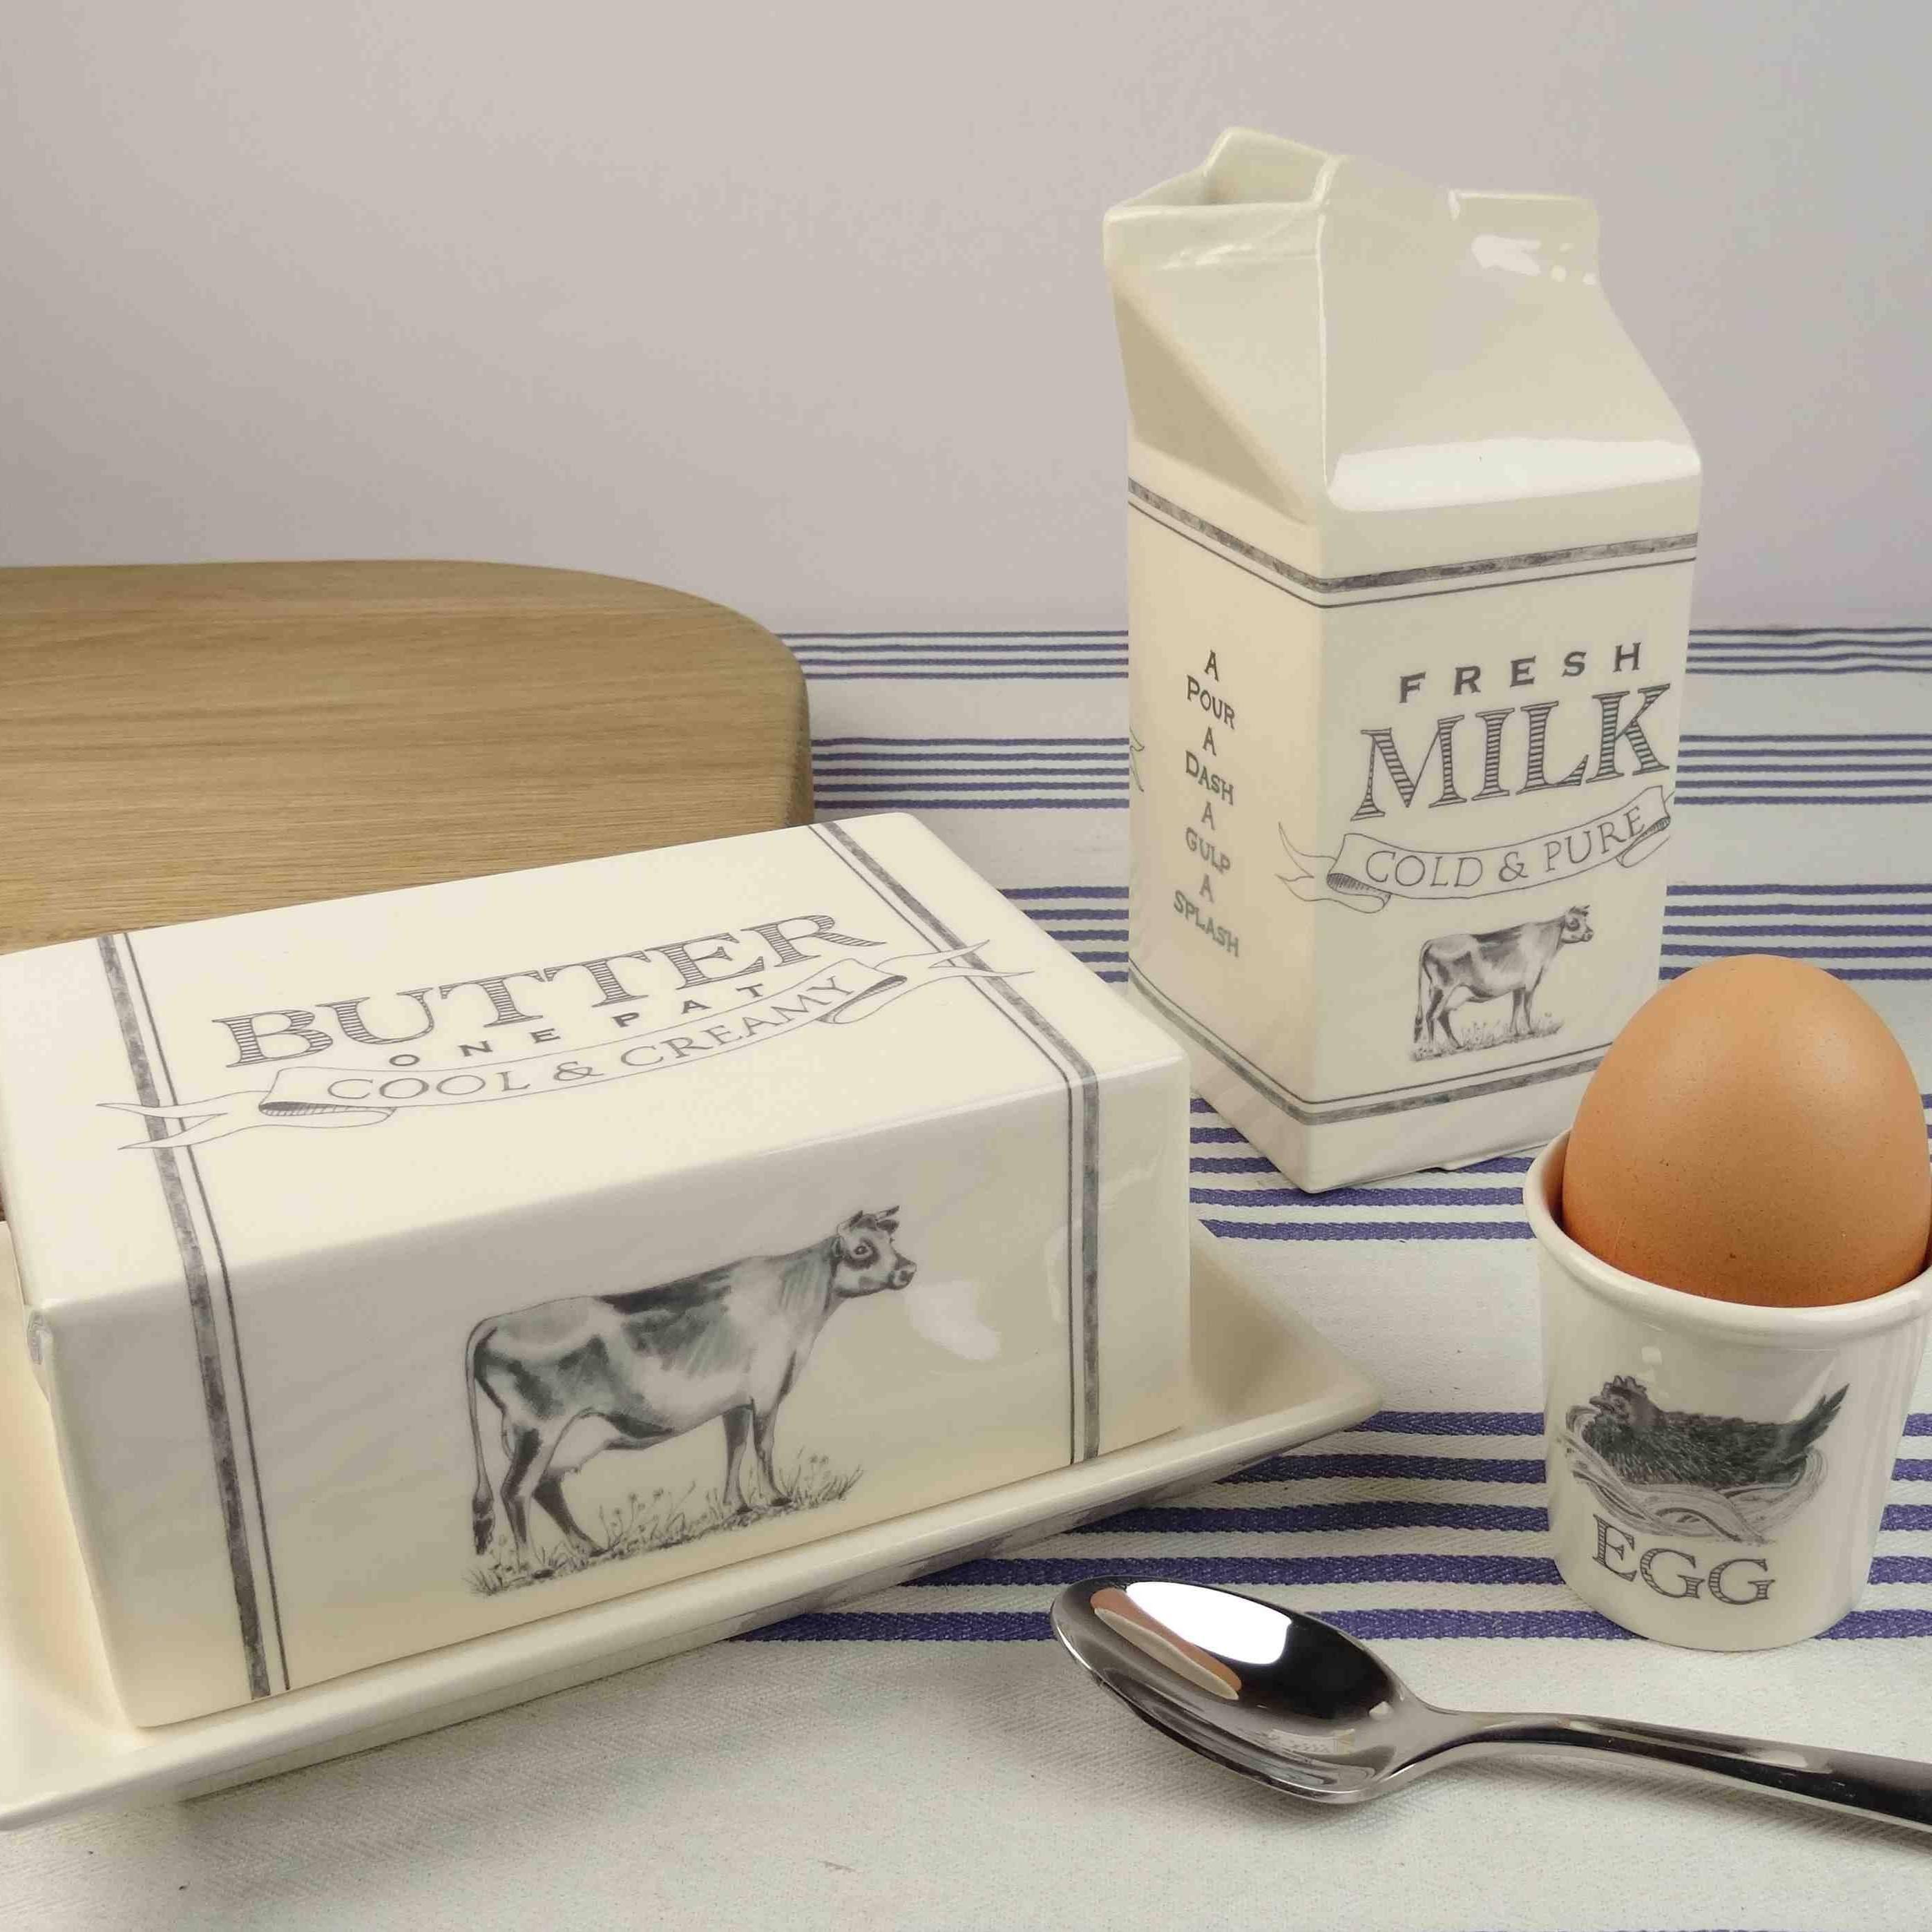 egg cup hand made ceramics dairy range katie brinsley beatrice von Preussen